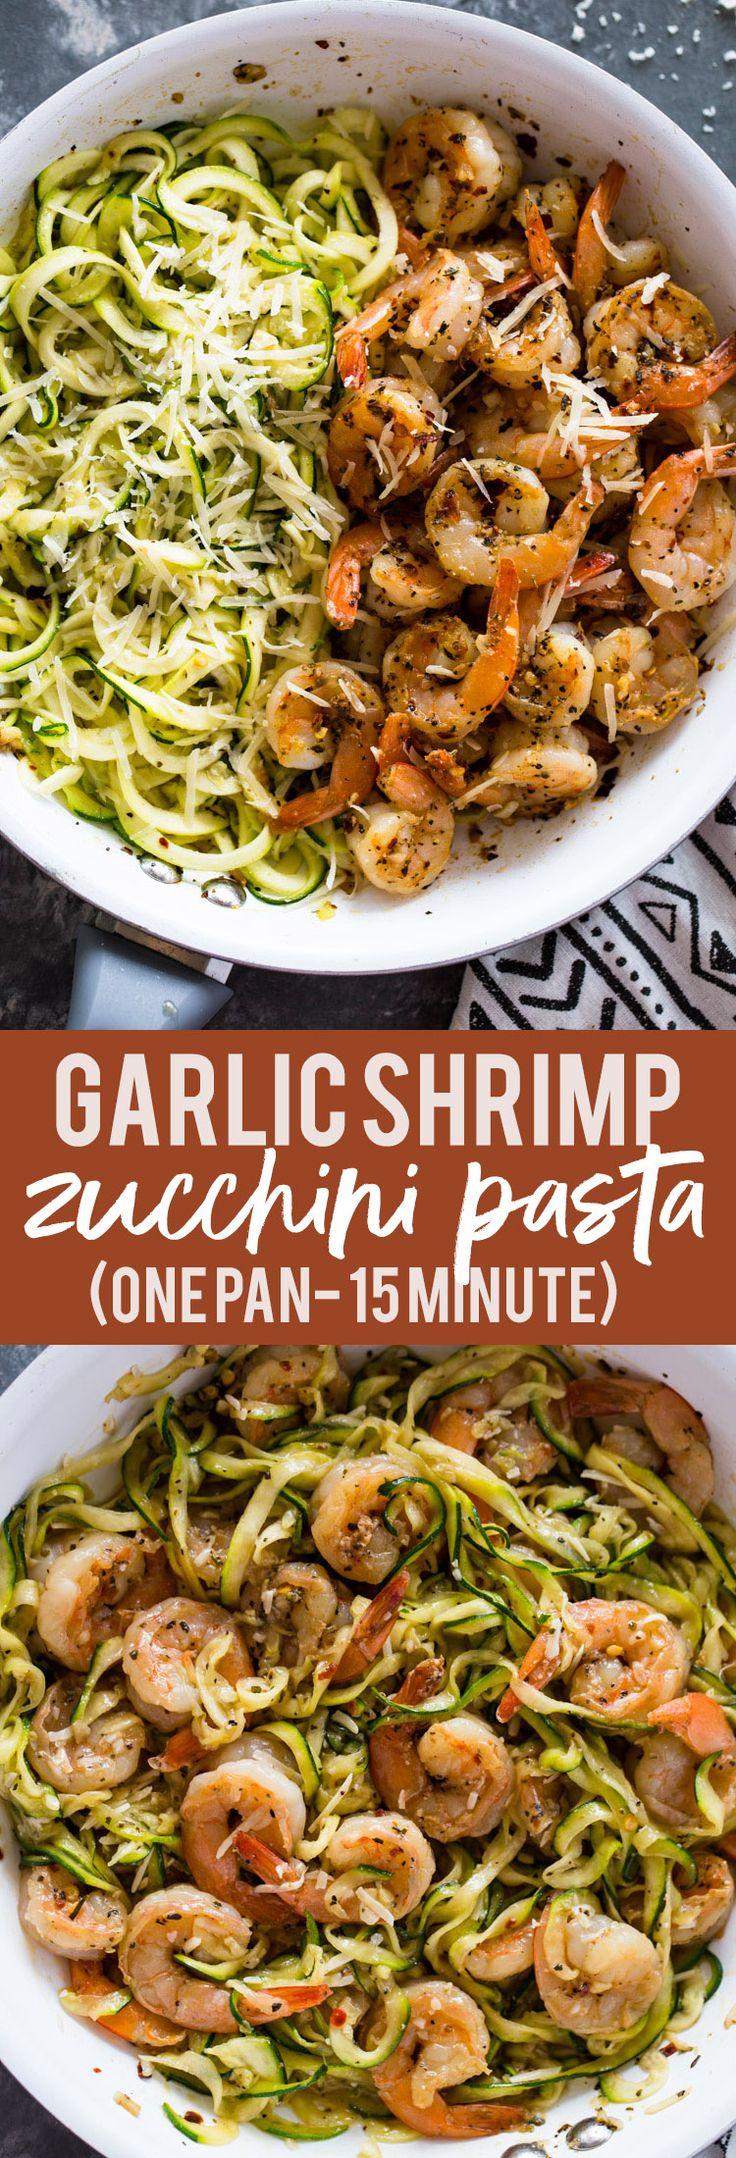 15 Minuten Knoblauch Garnelen Zucchini Pasta